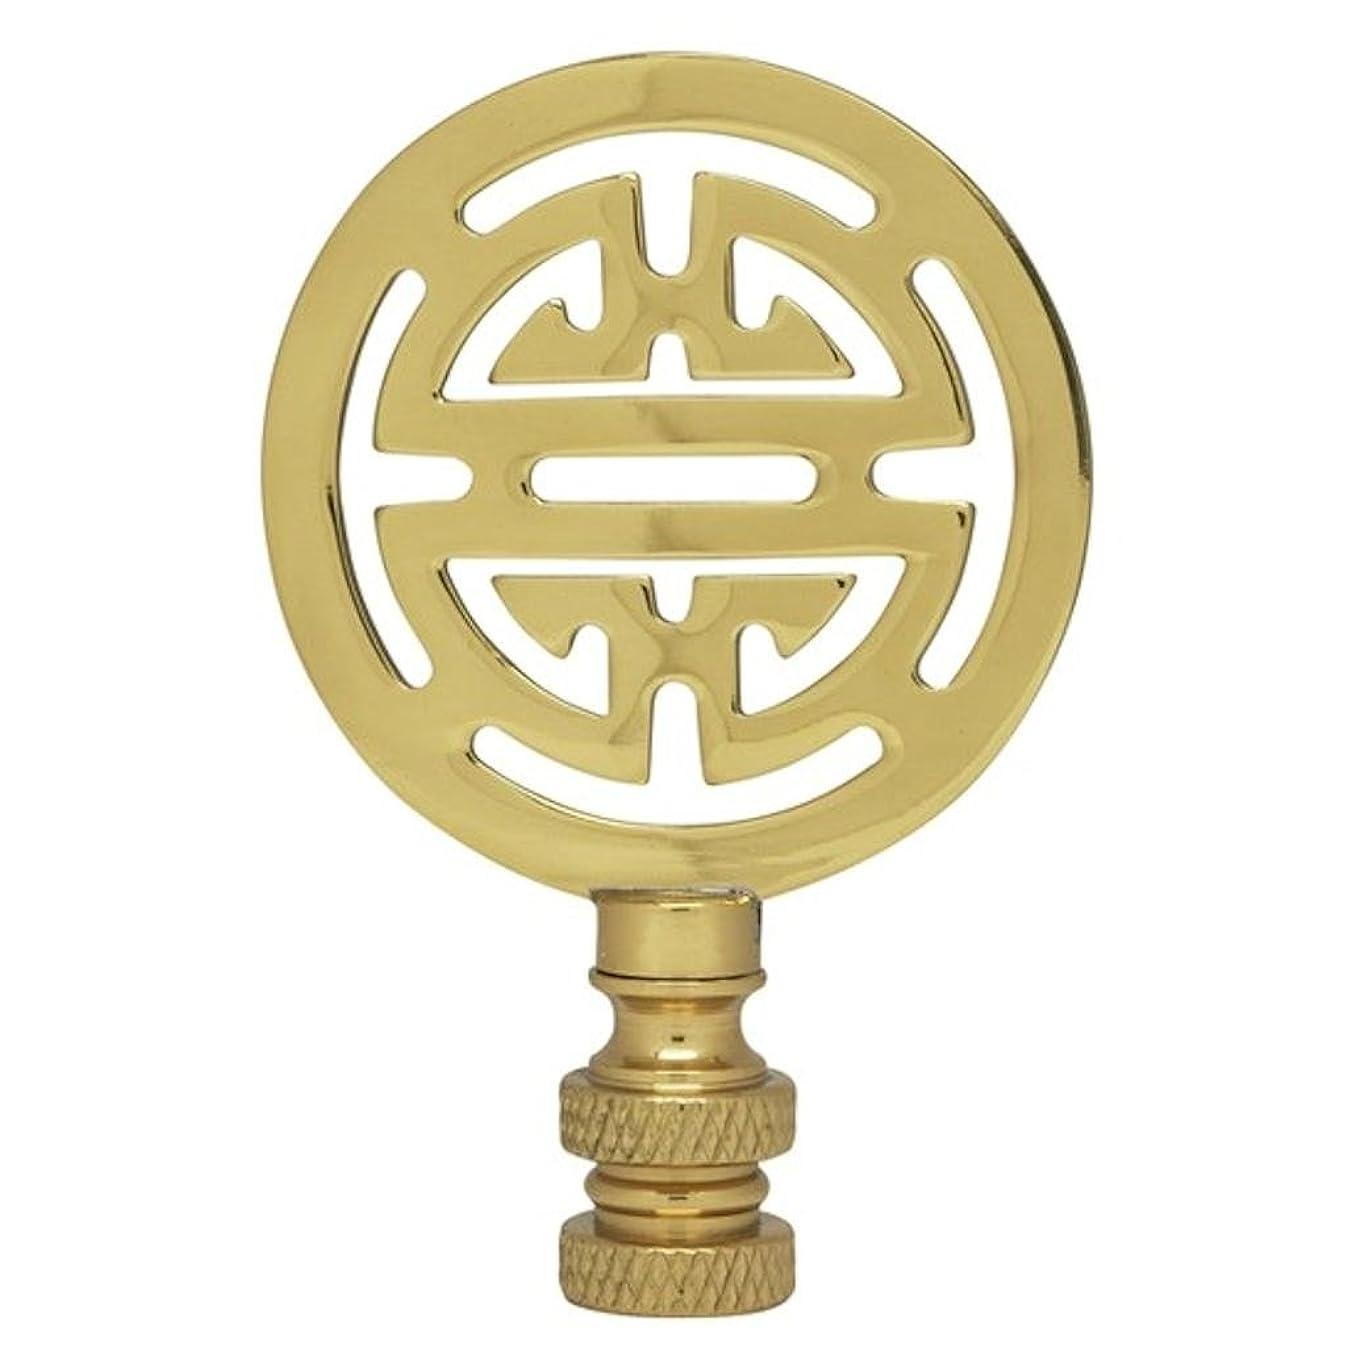 Satco Oriental Brass Finial model number 90-1747-SAT